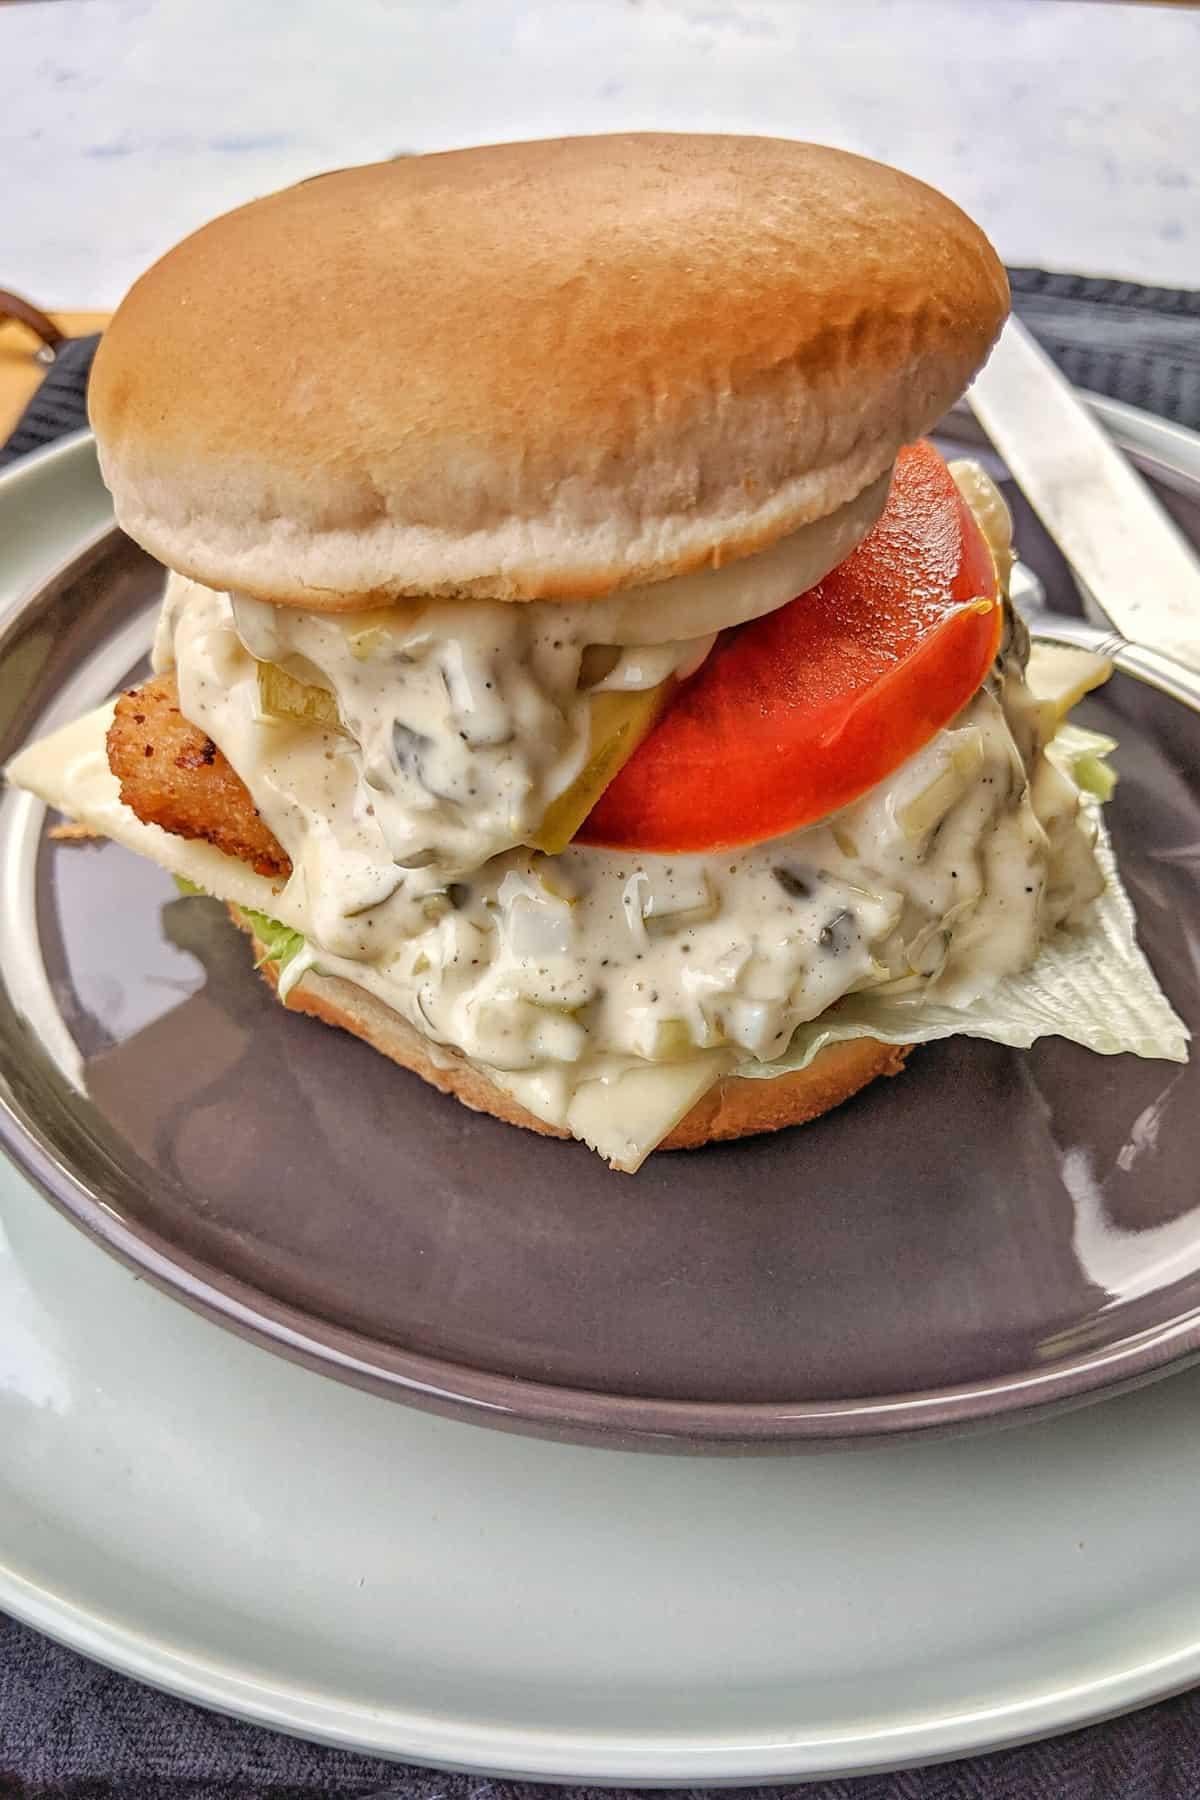 Ein Fischstäbchen Burger auf einem Teller.